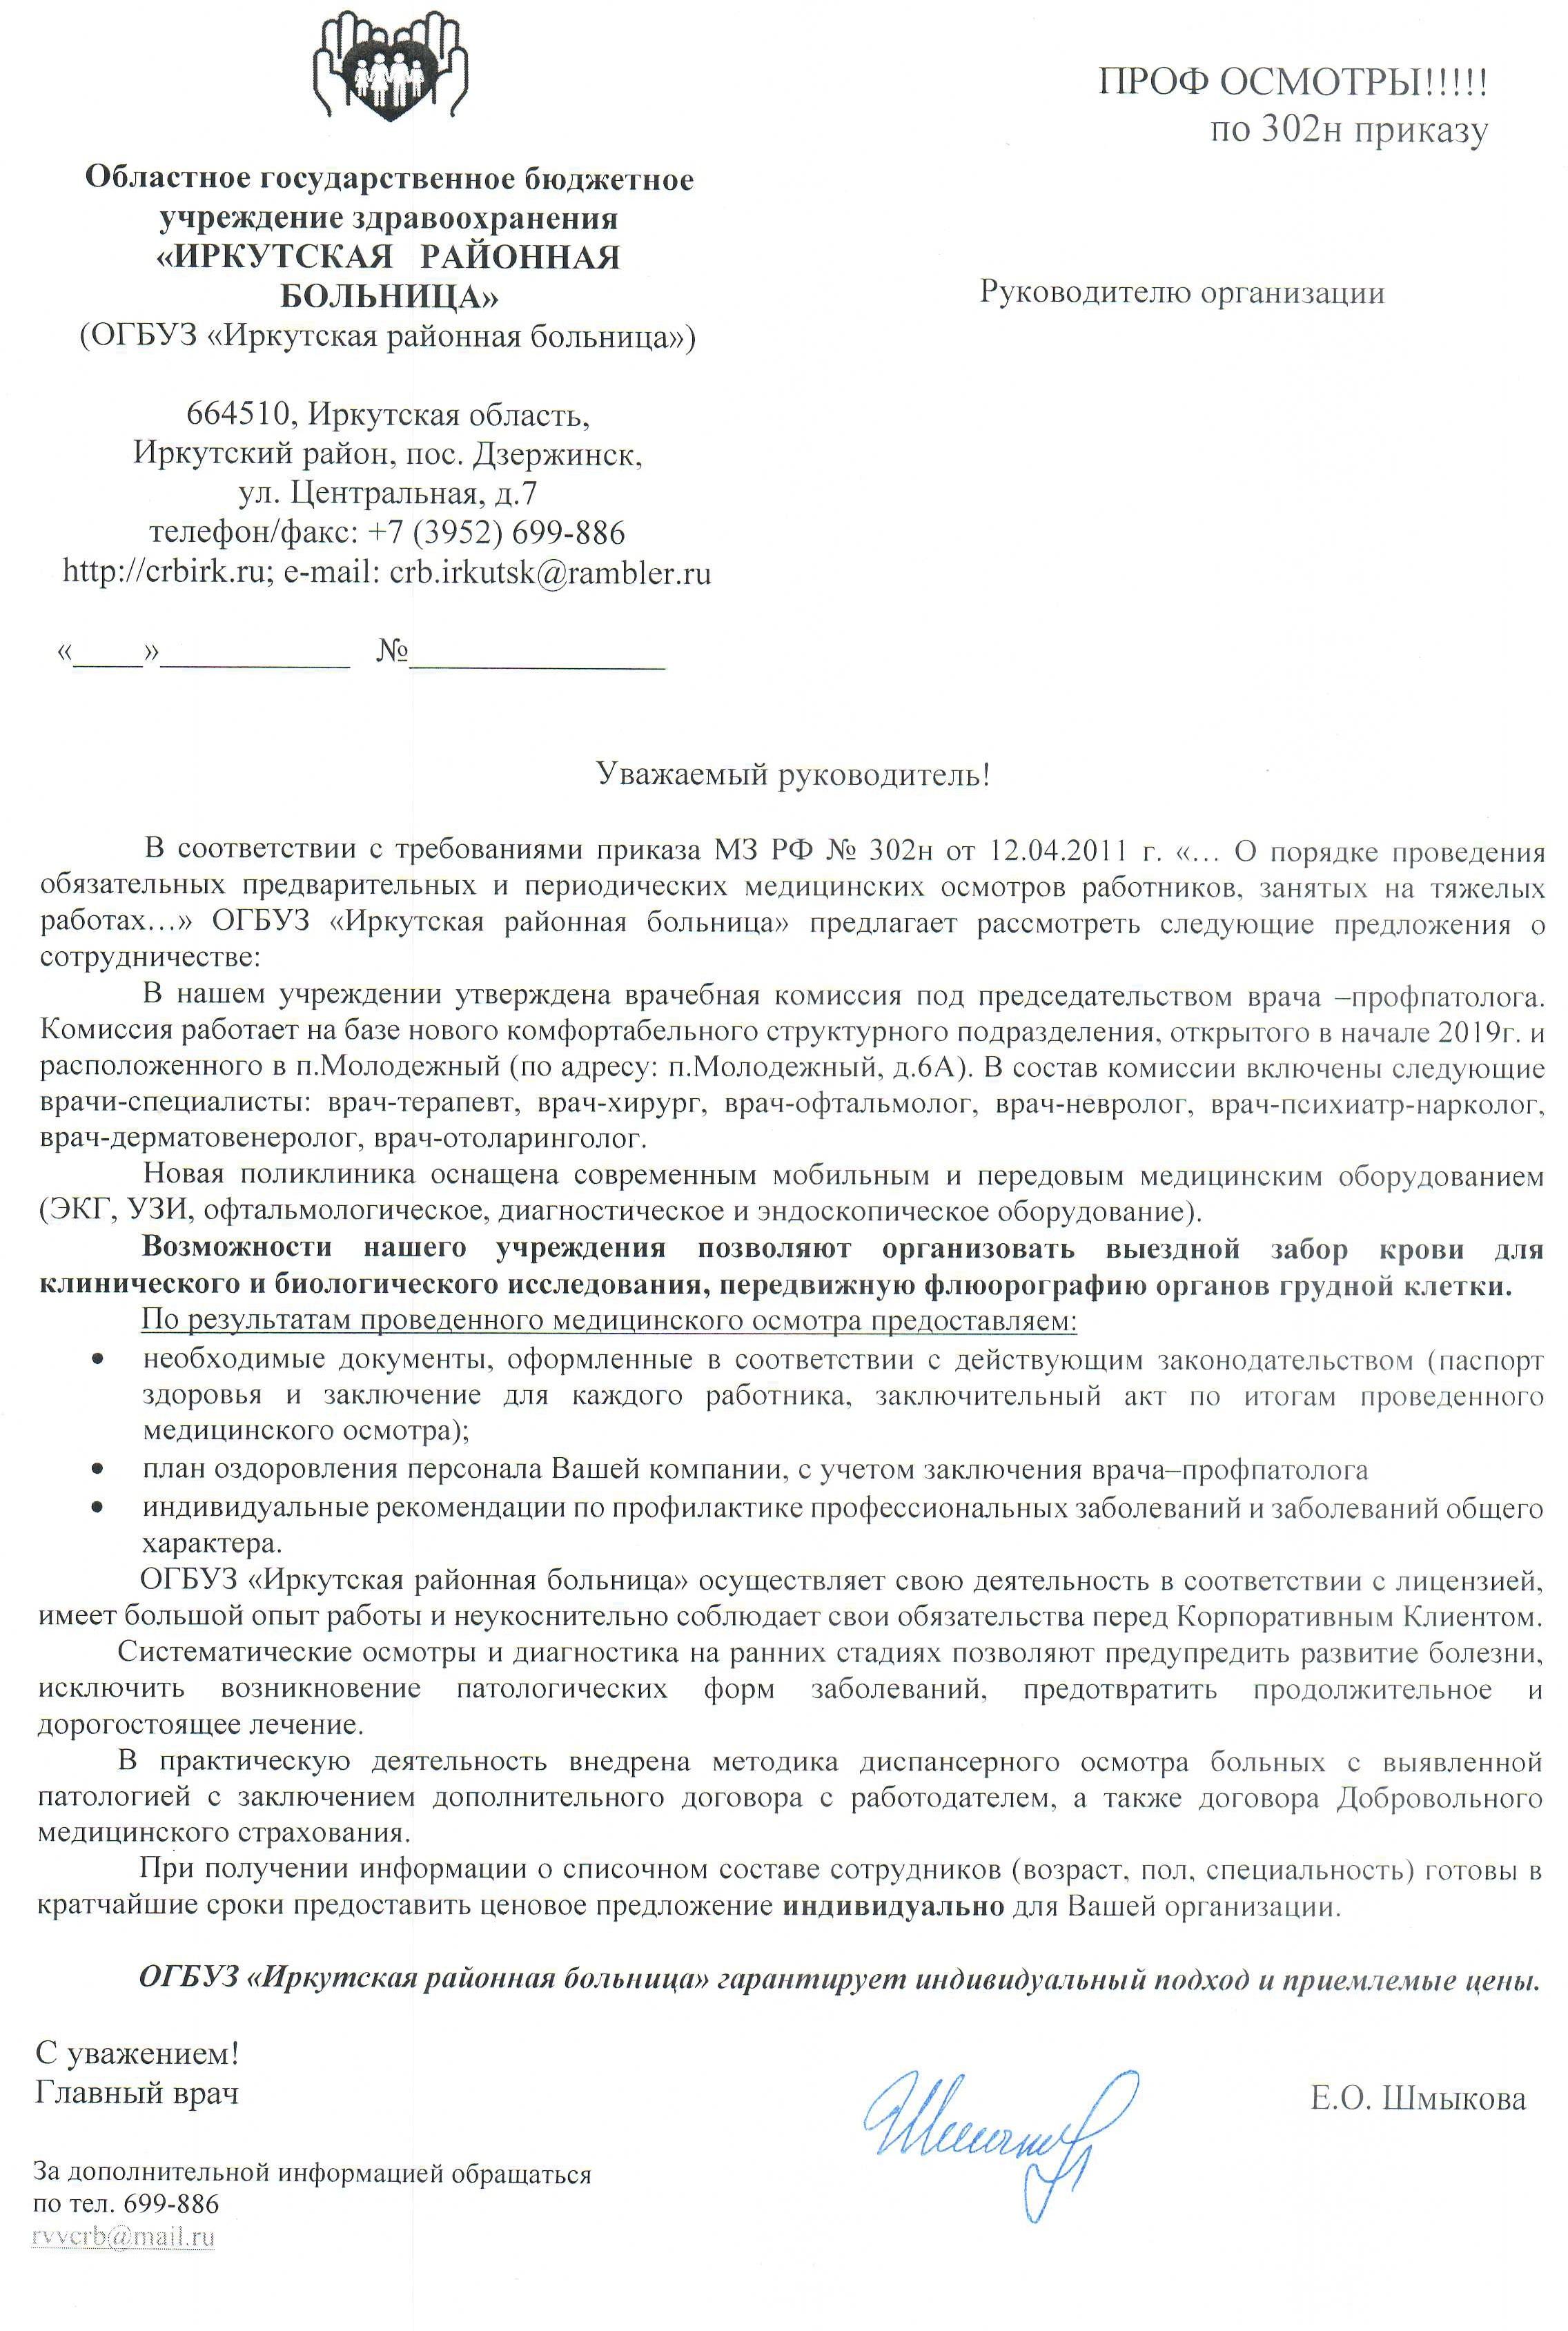 Медицинская справка для получения водительских прав Дзержинский